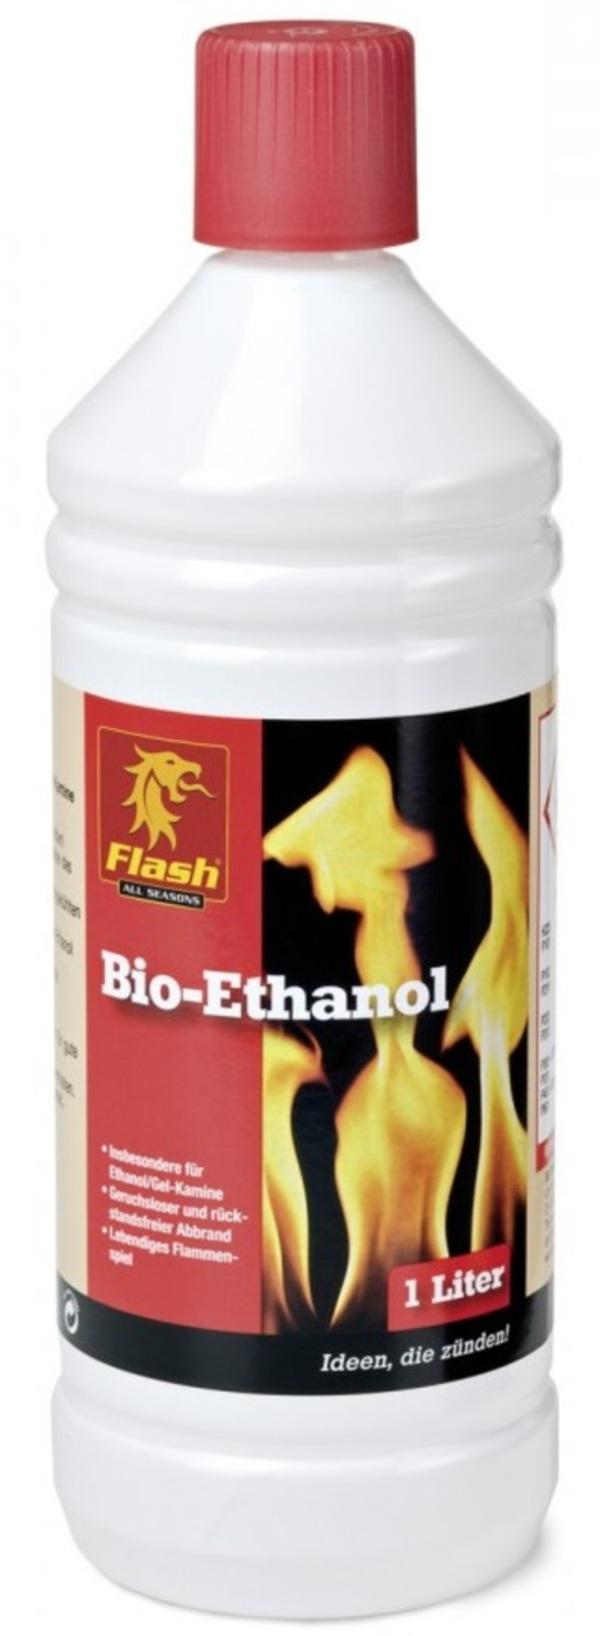 Flash Bio Ethanol 1 ltr